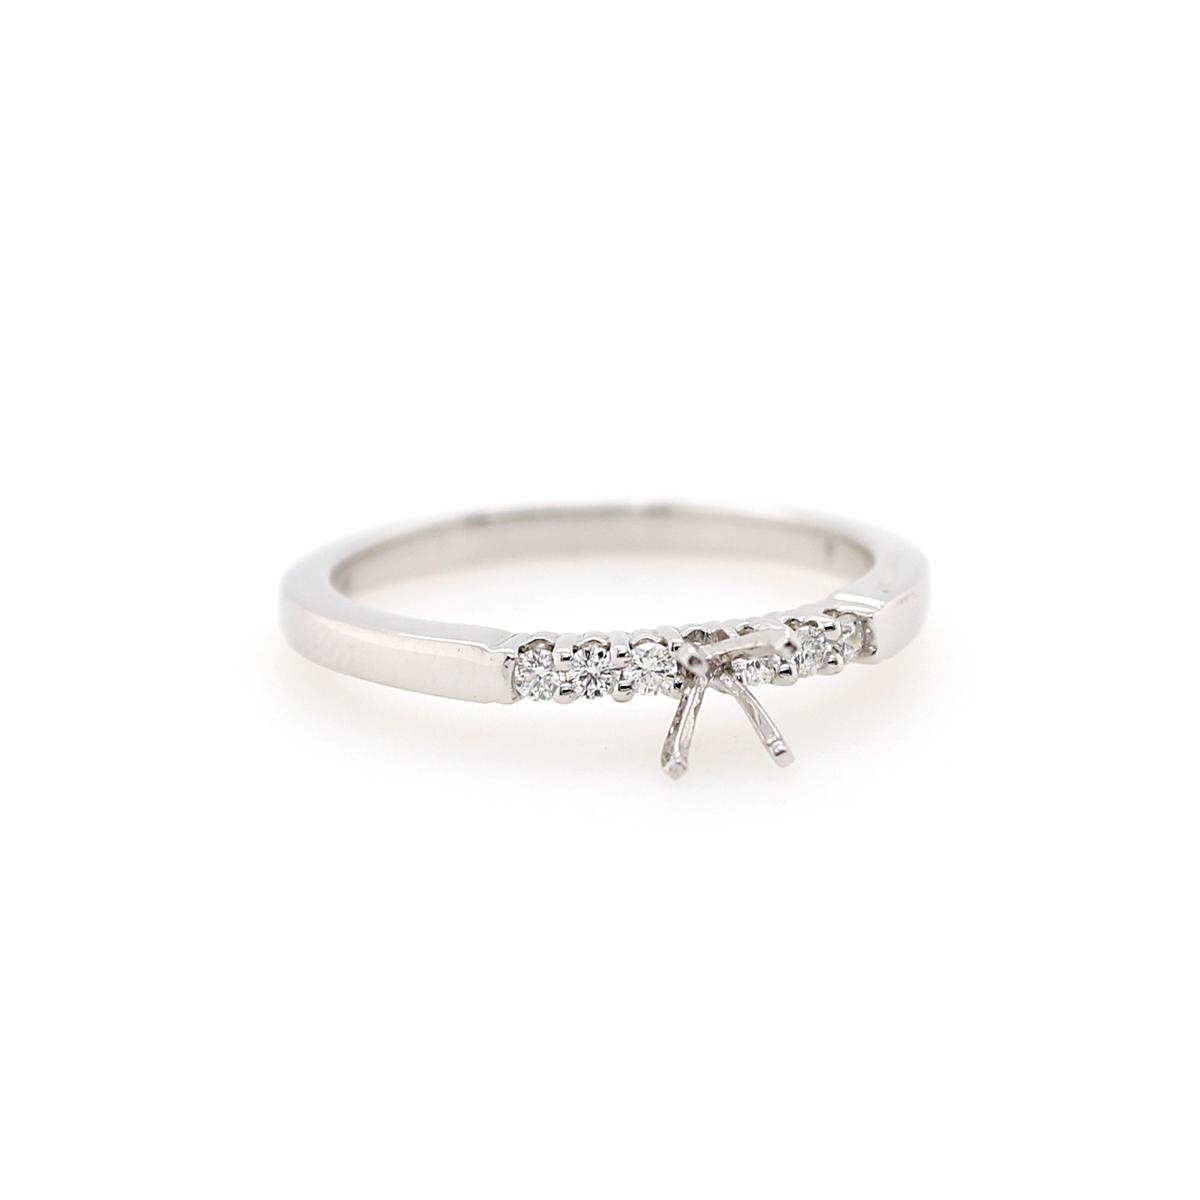 Shefi Diamonds 14 Karat White Gold .1 Carat Semi-Mount Engagement Ring